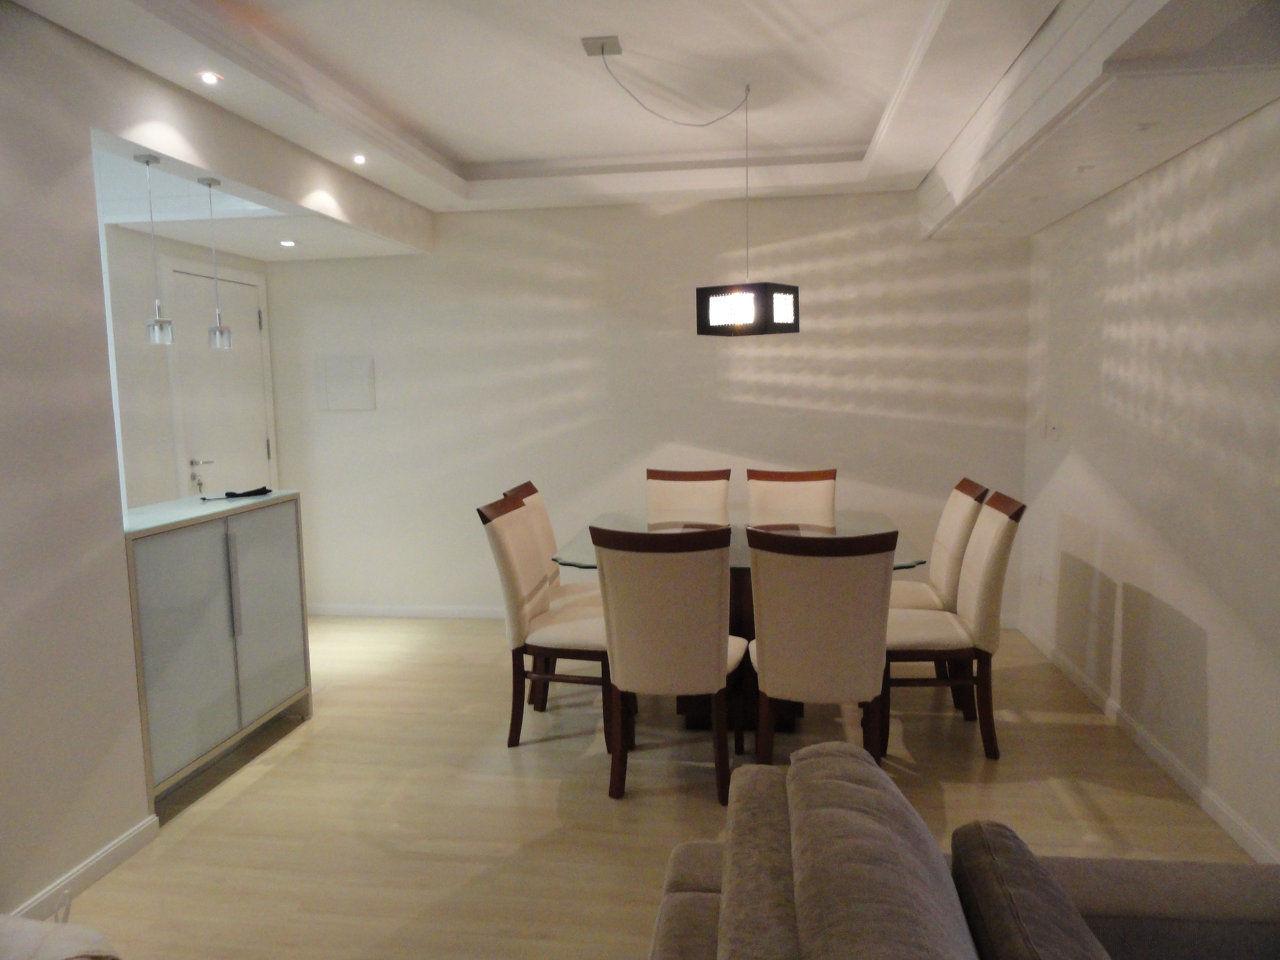 Imagens de #604C3A Apartamento Semi mobiliado em São José/SC Wix.com 1280x960 px 3122 Box Banheiro Acrilico Sao Jose Sc